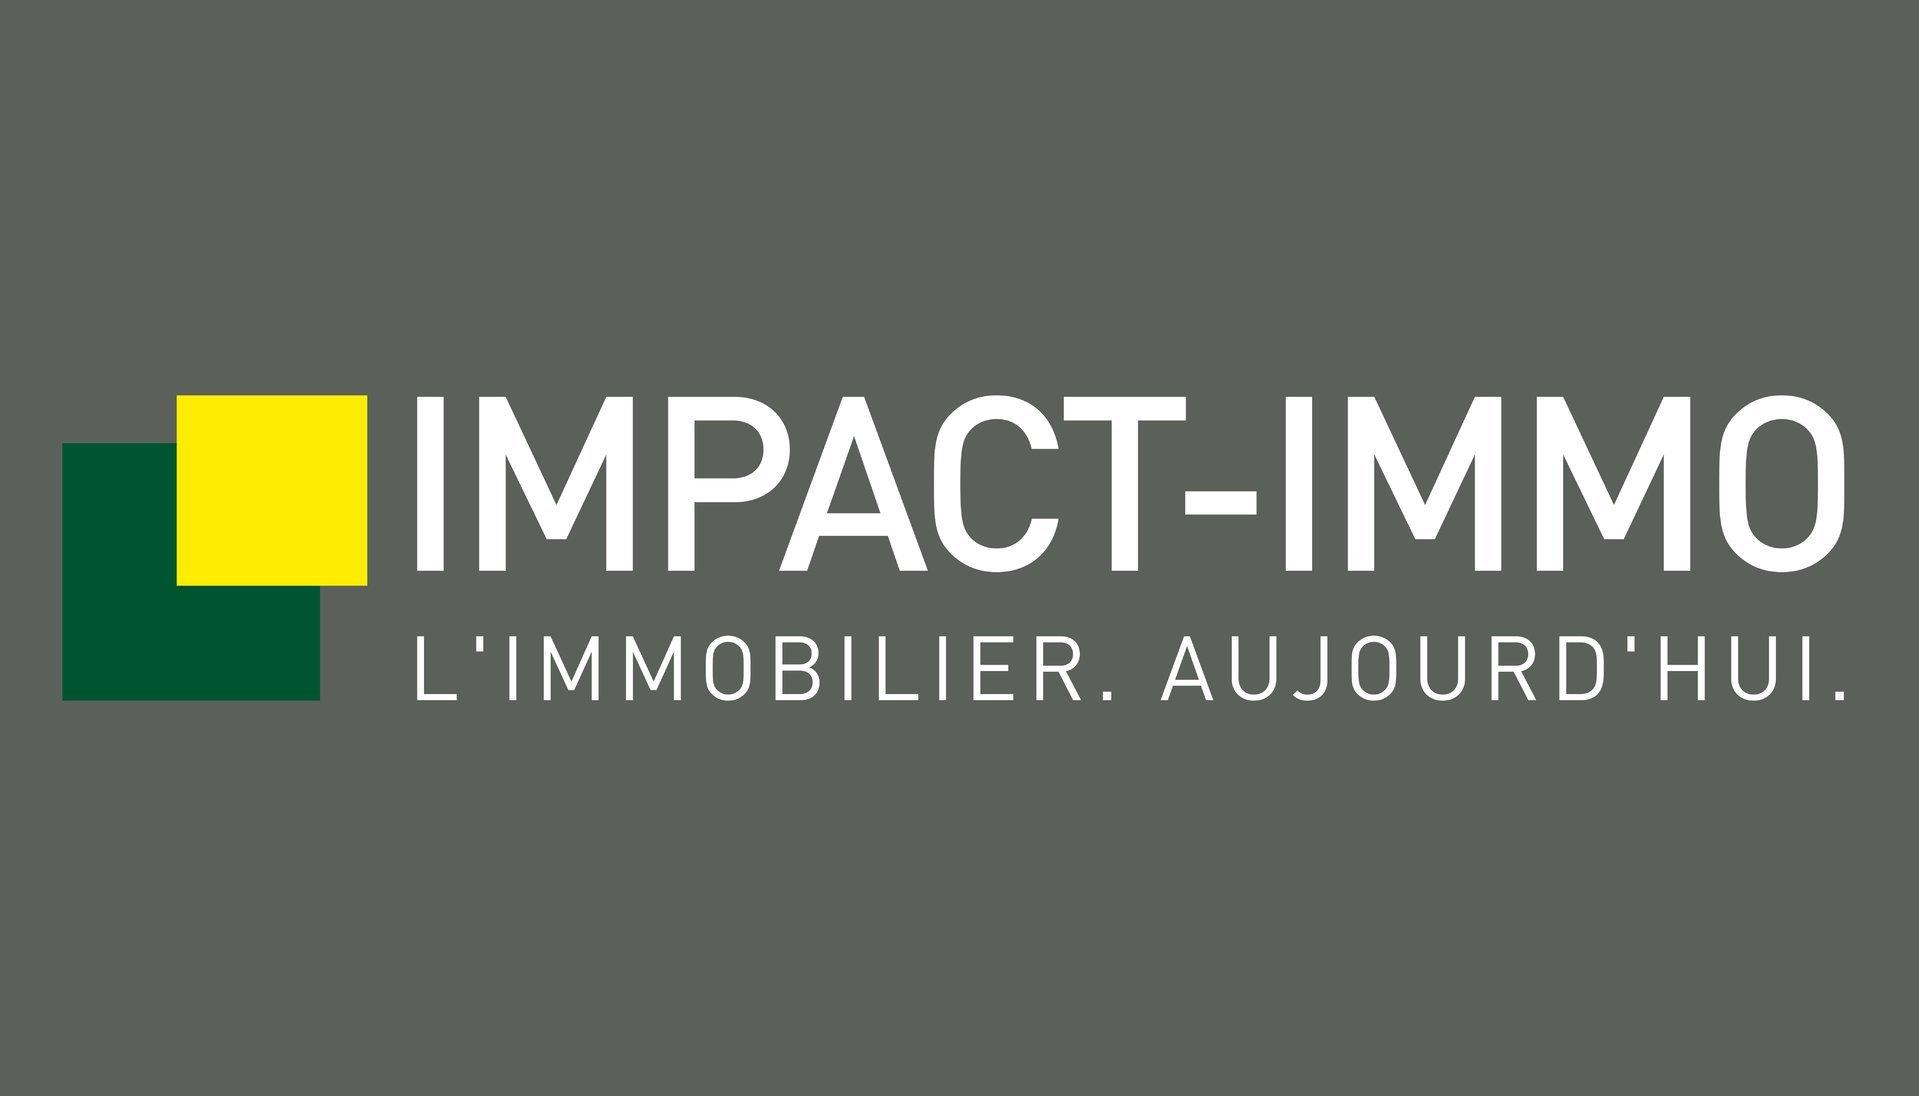 NOUVEAUTÉ IMPACT IMMO SURESNES / 2P AVEC JARDIN REFAIT A NEUF